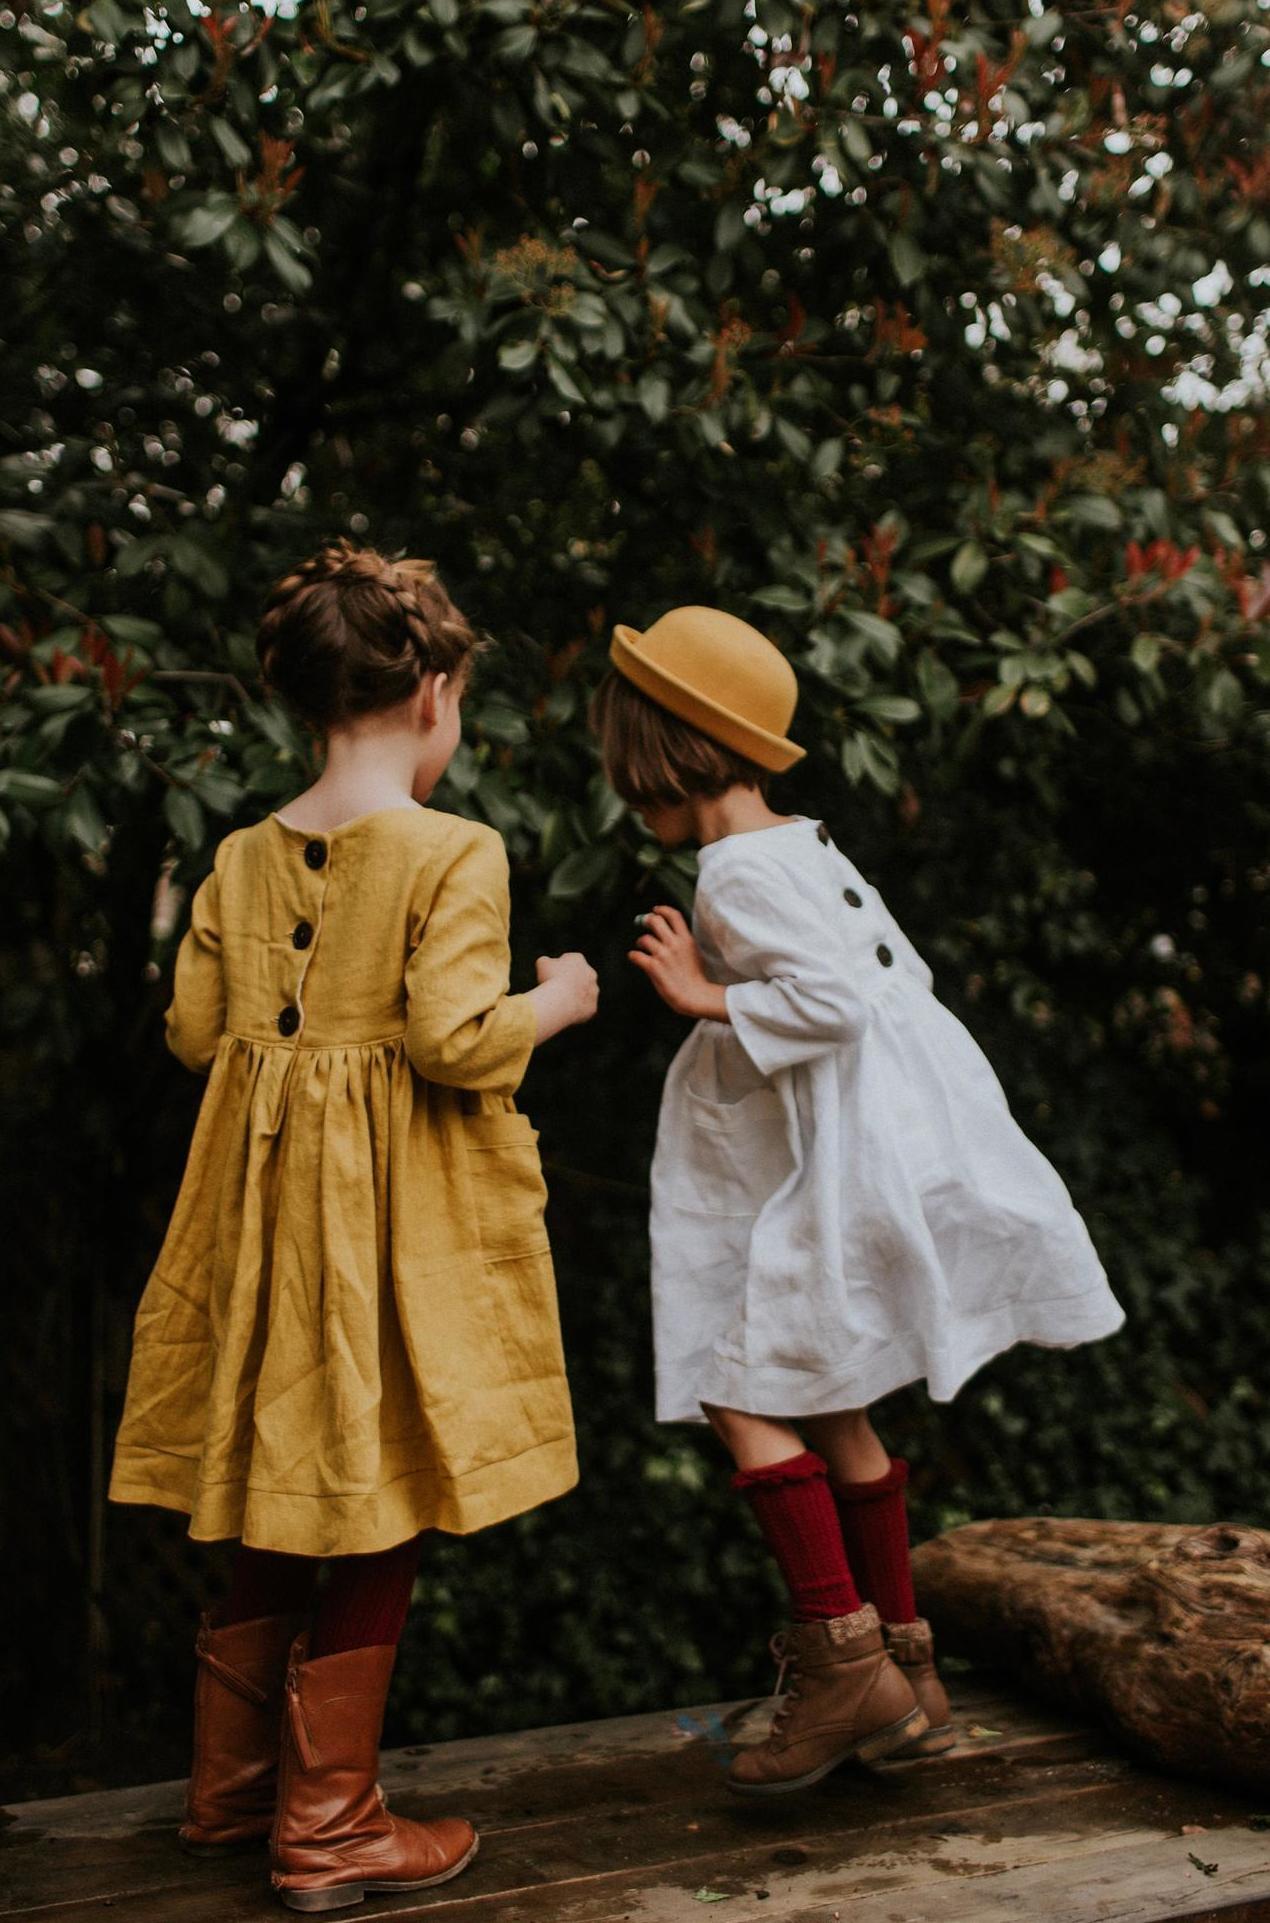 linen dress girl